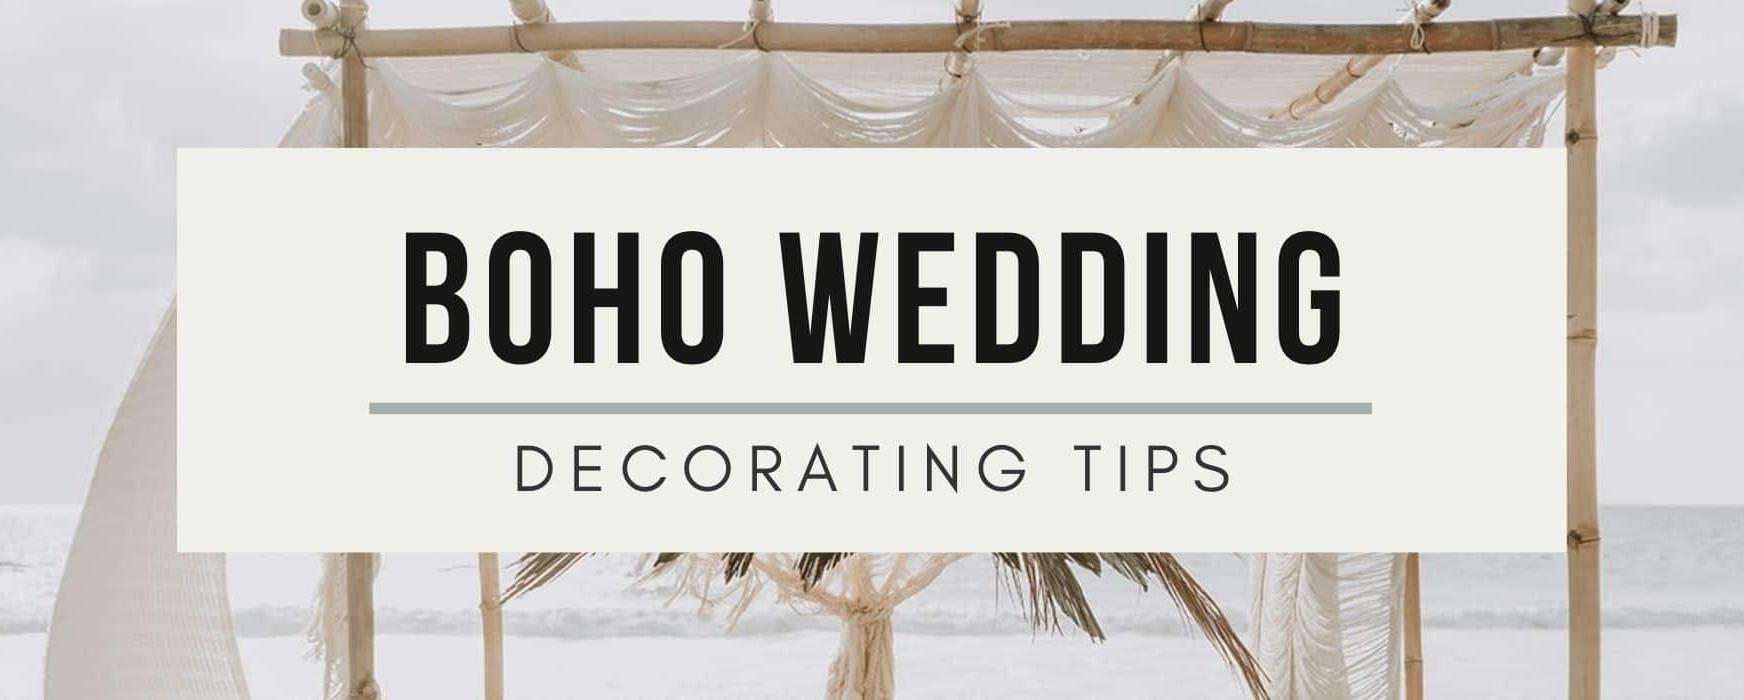 Boho Minimalist Wedding: Decorating Tips